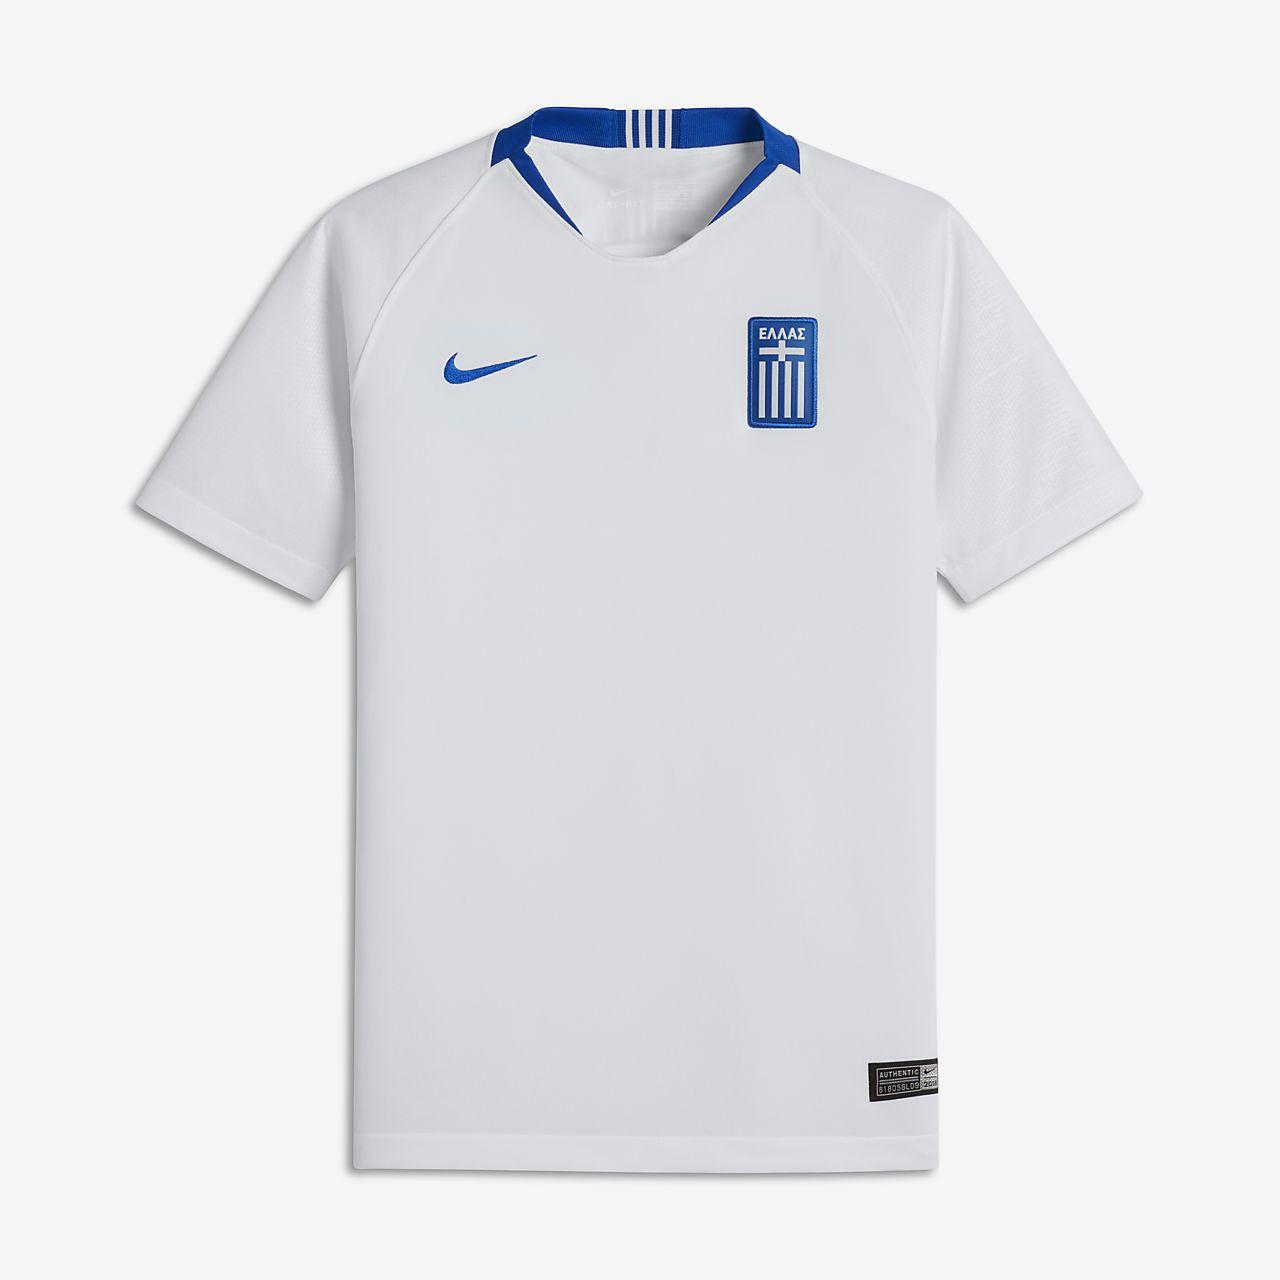 2018 Greece Stadium Home-fodboldtrøje til store børn